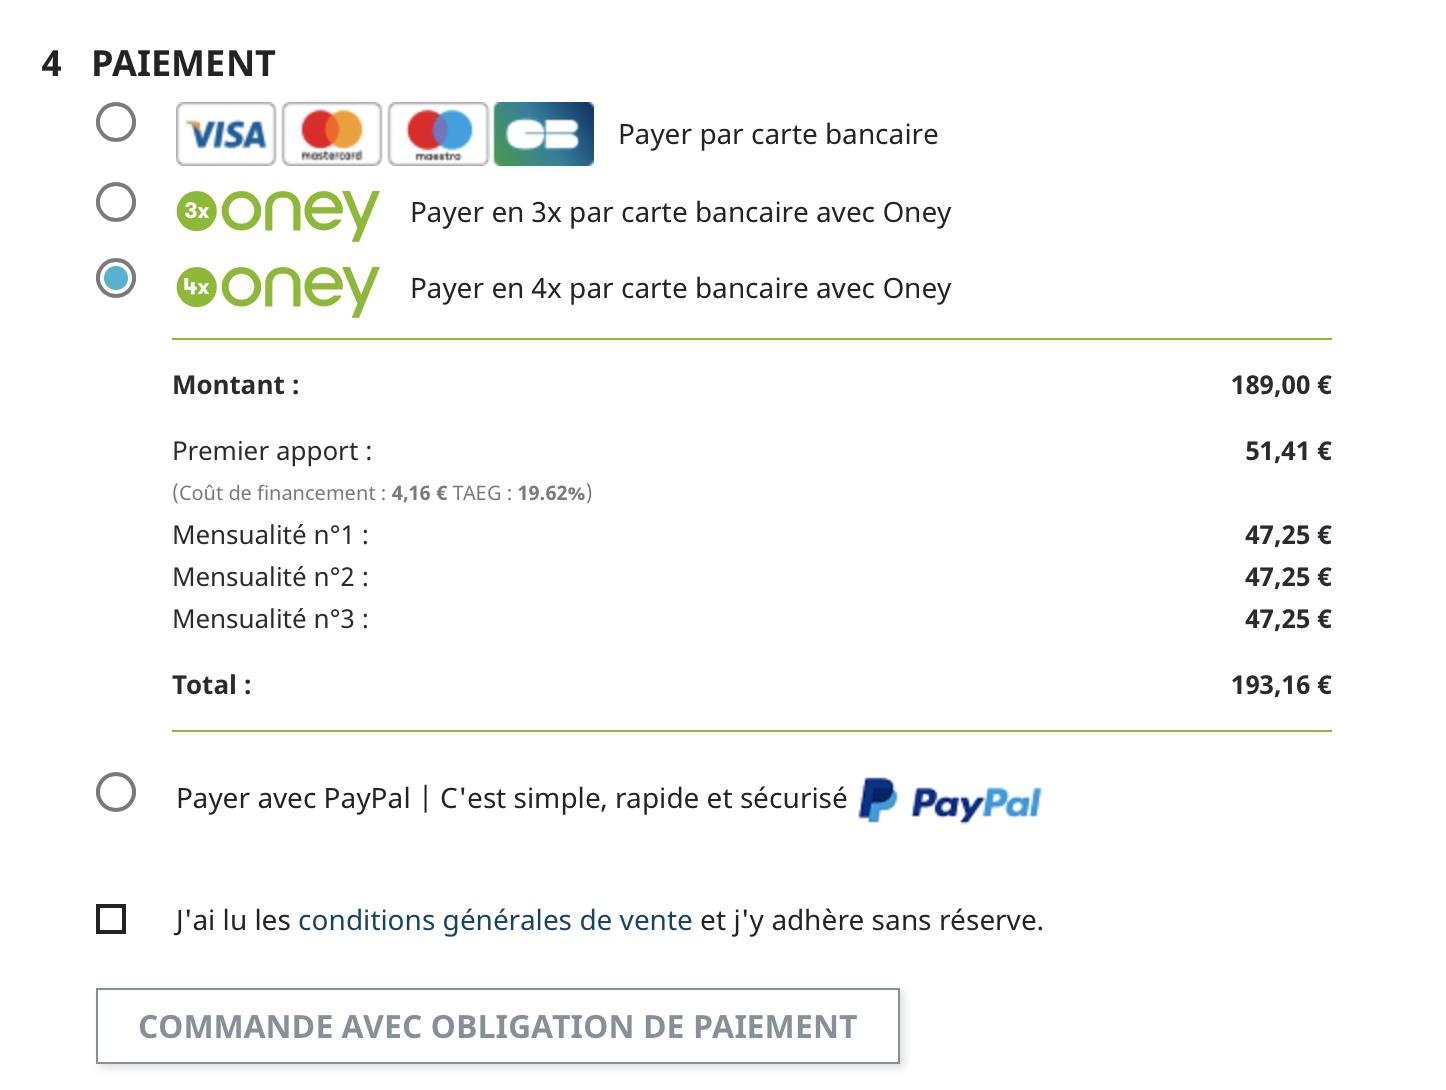 2-description_paiement_3x_4x_avec_Oney